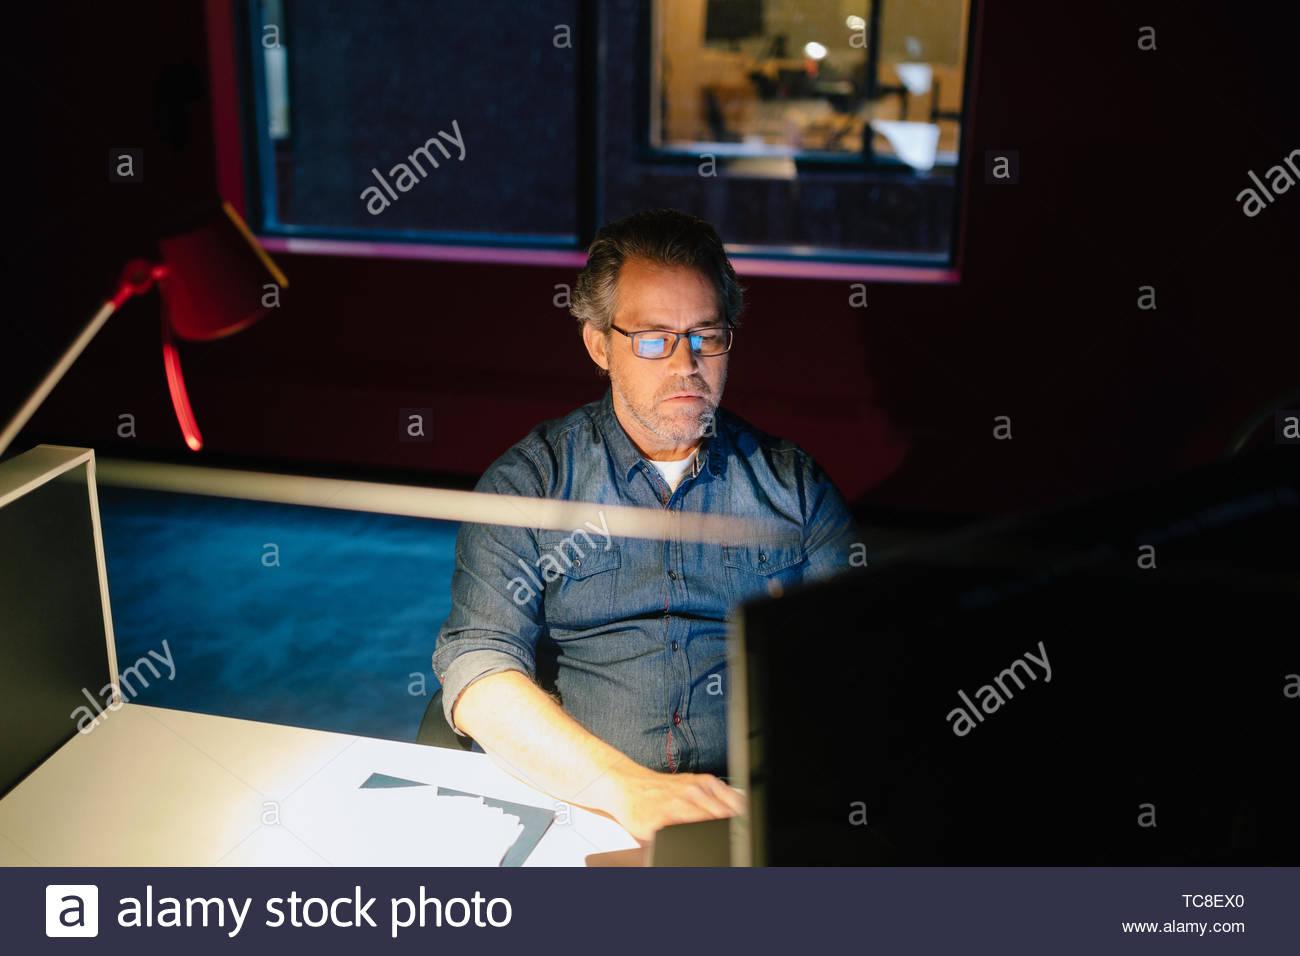 Empresario dedicado trabajando tarde por ordenador en la oscuridad de la oficina Imagen De Stock